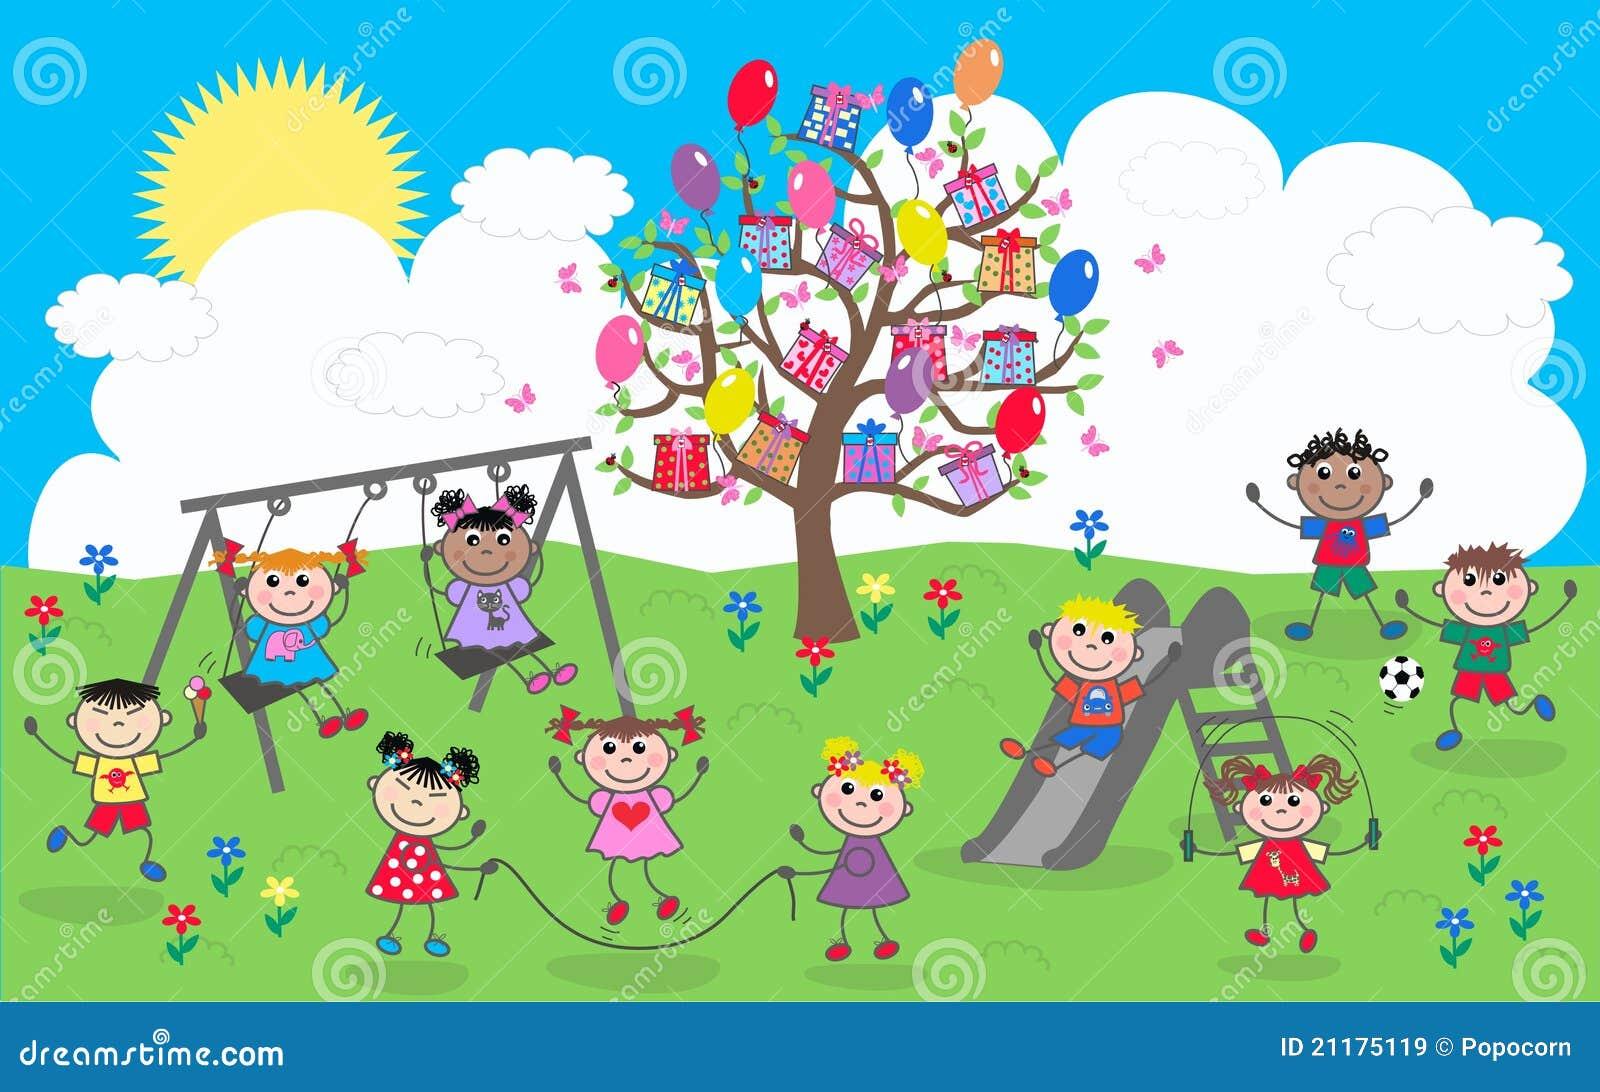 Happy mixed ethnic children